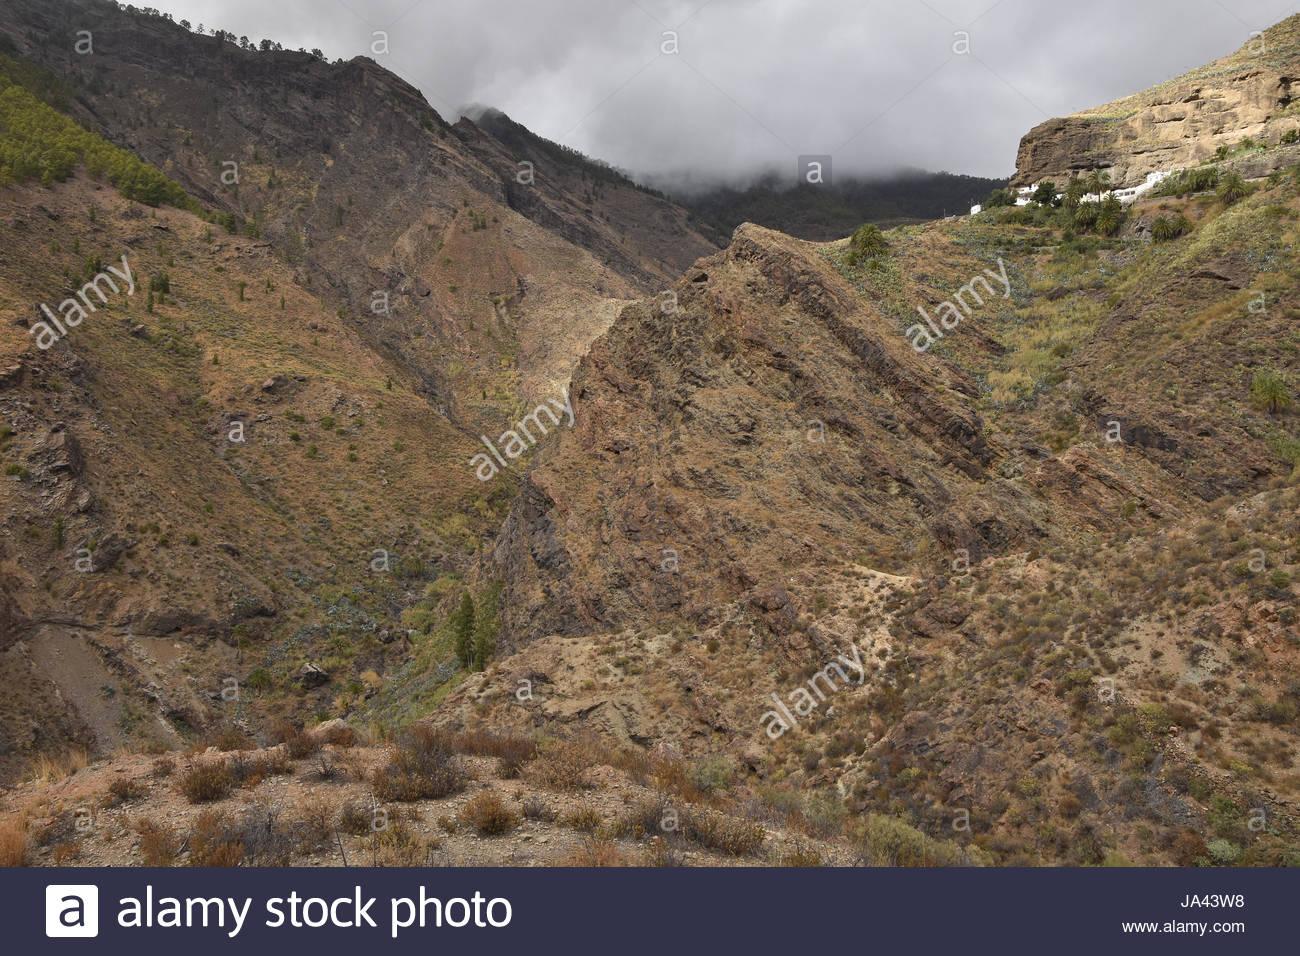 Dürren Berge von Candelaria im Nordwesten Gran Canaria Kanaren Makaronesiens (Spanien) Stockbild